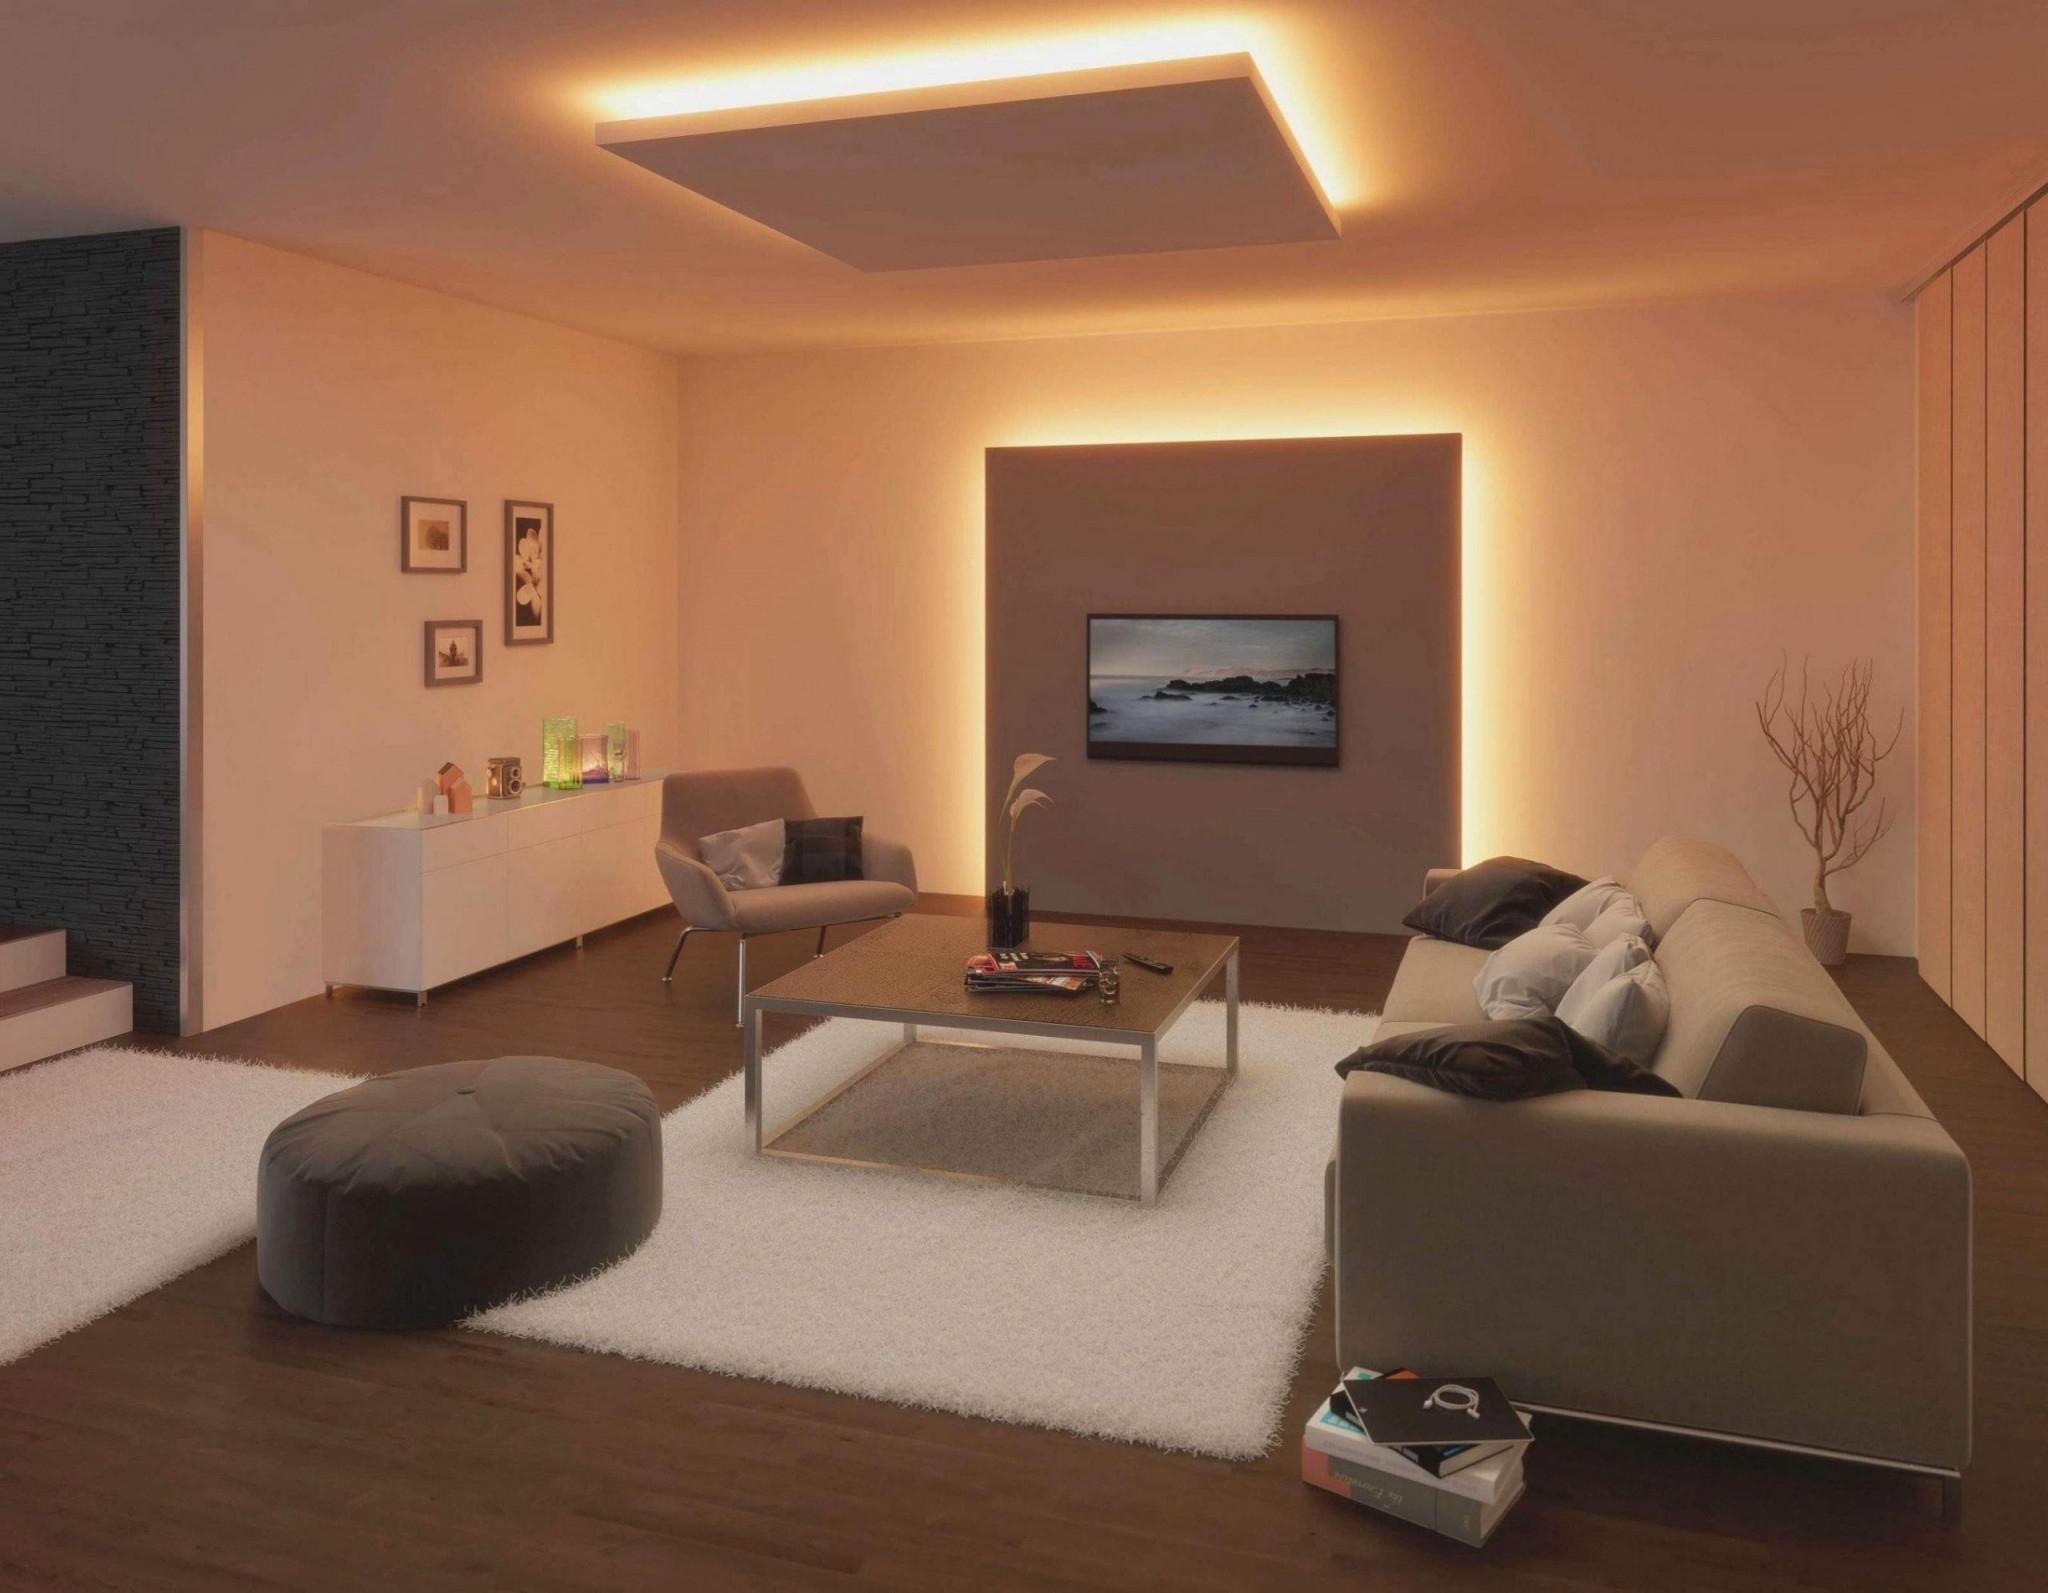 31 Einzigartig Moderne Lampen Wohnzimmer Frisch  Wohnzimmer von Wohnzimmer Lampe Industriedesign Bild